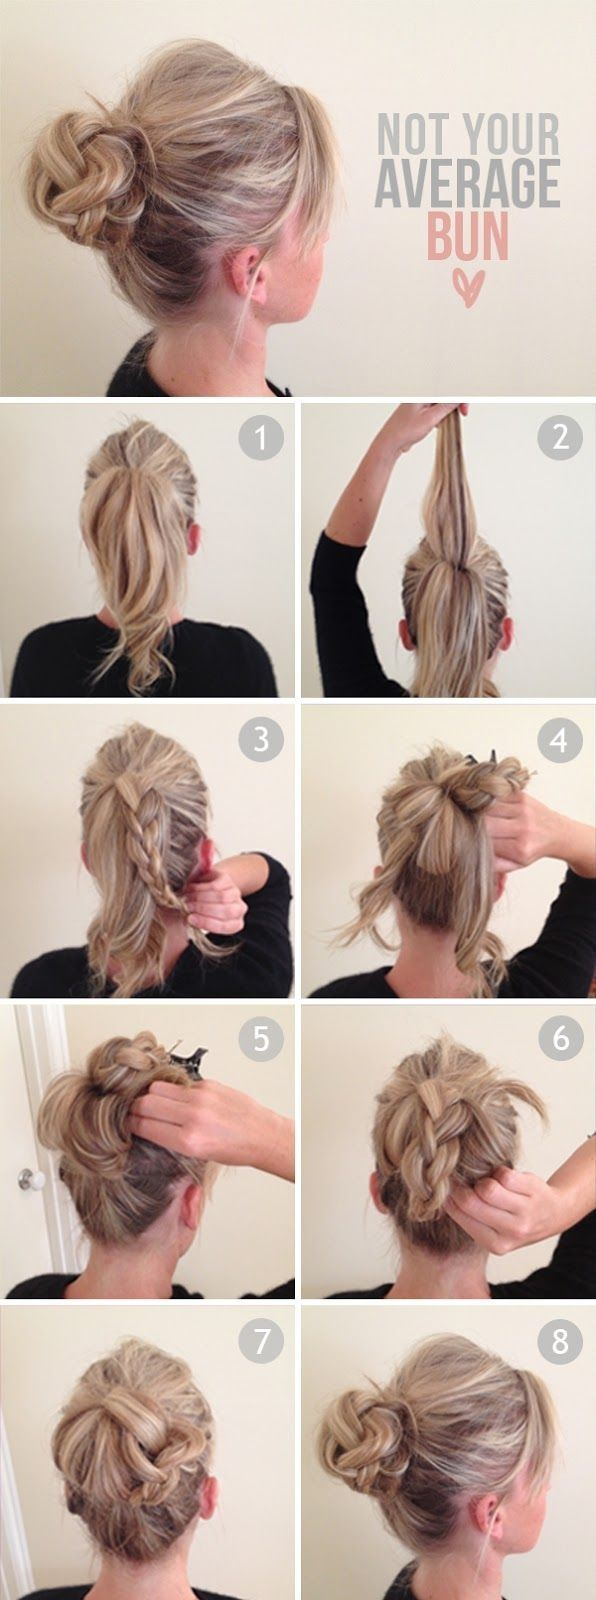 Toll verknotet: So geht ein ganz außergewöhnlicher Knoten #hair #popular #beauty